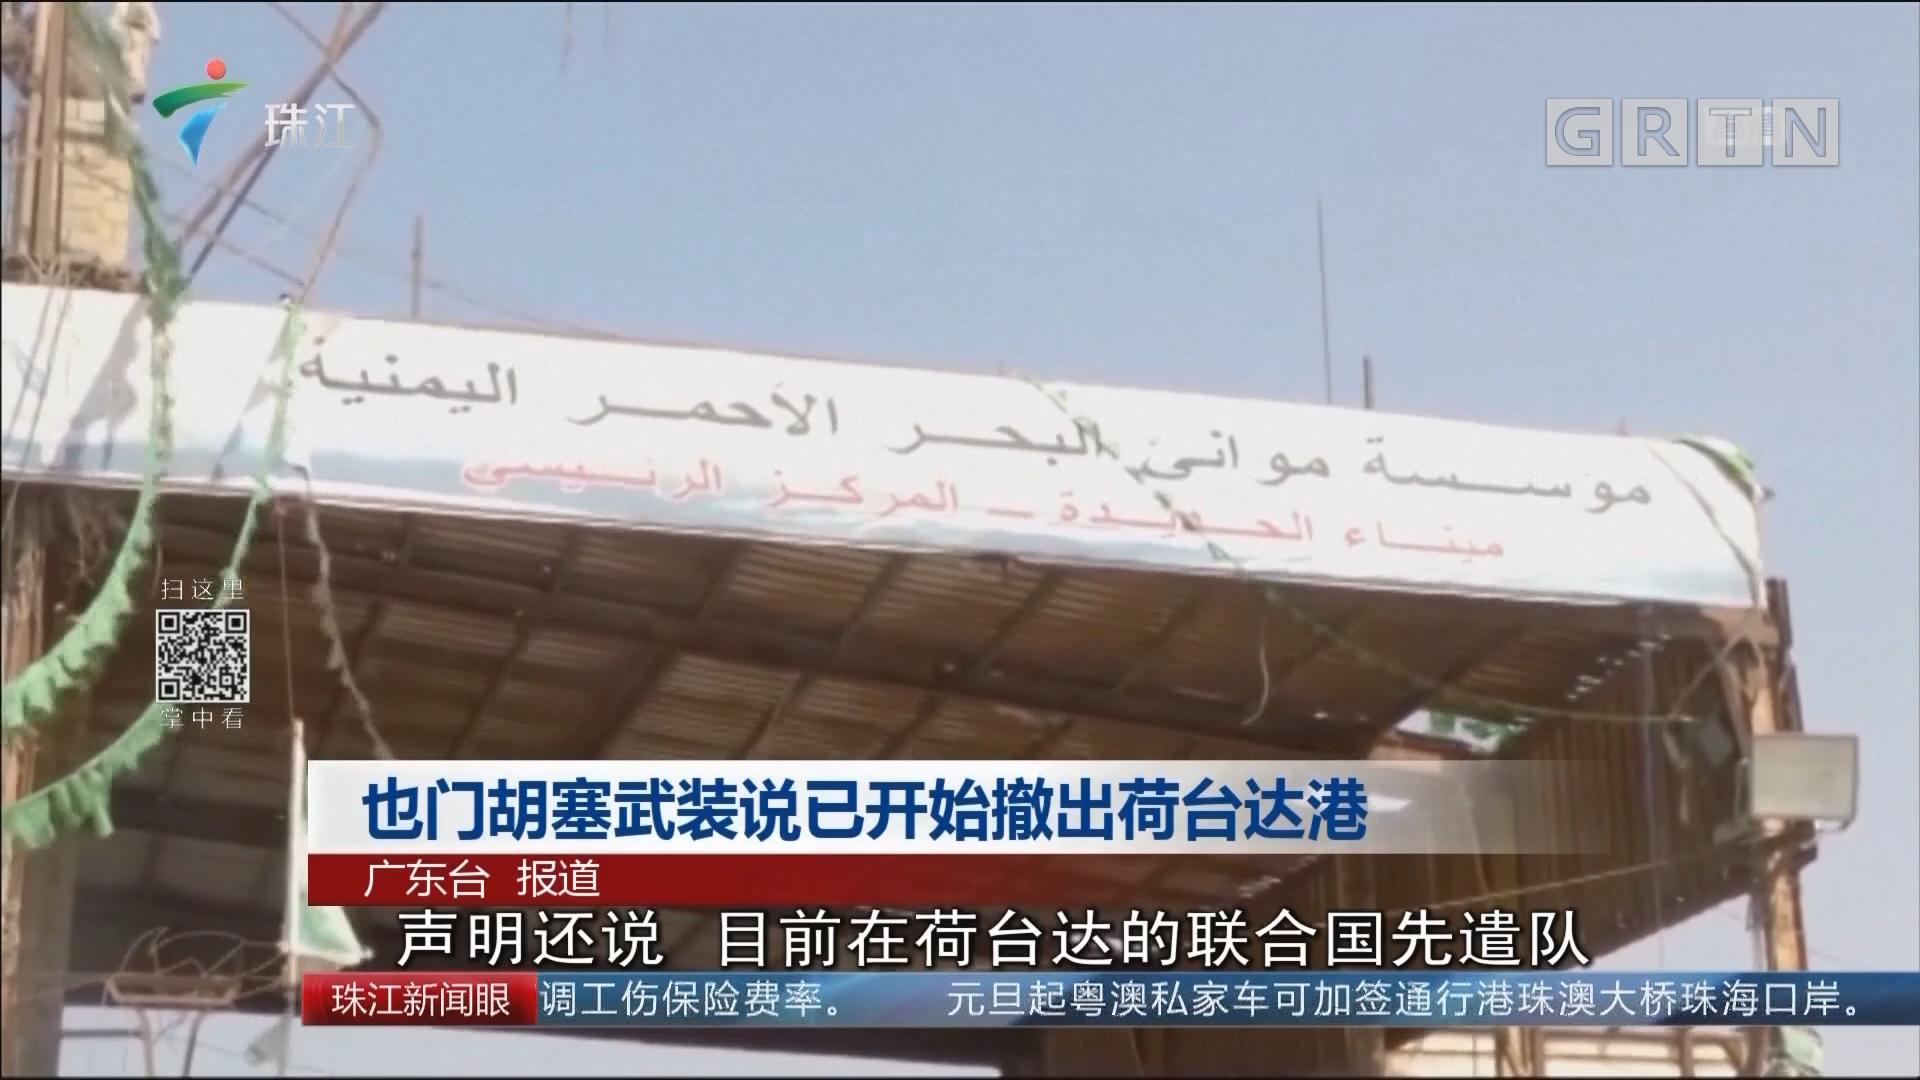 也门胡塞武装说已开始撤出荷台达港